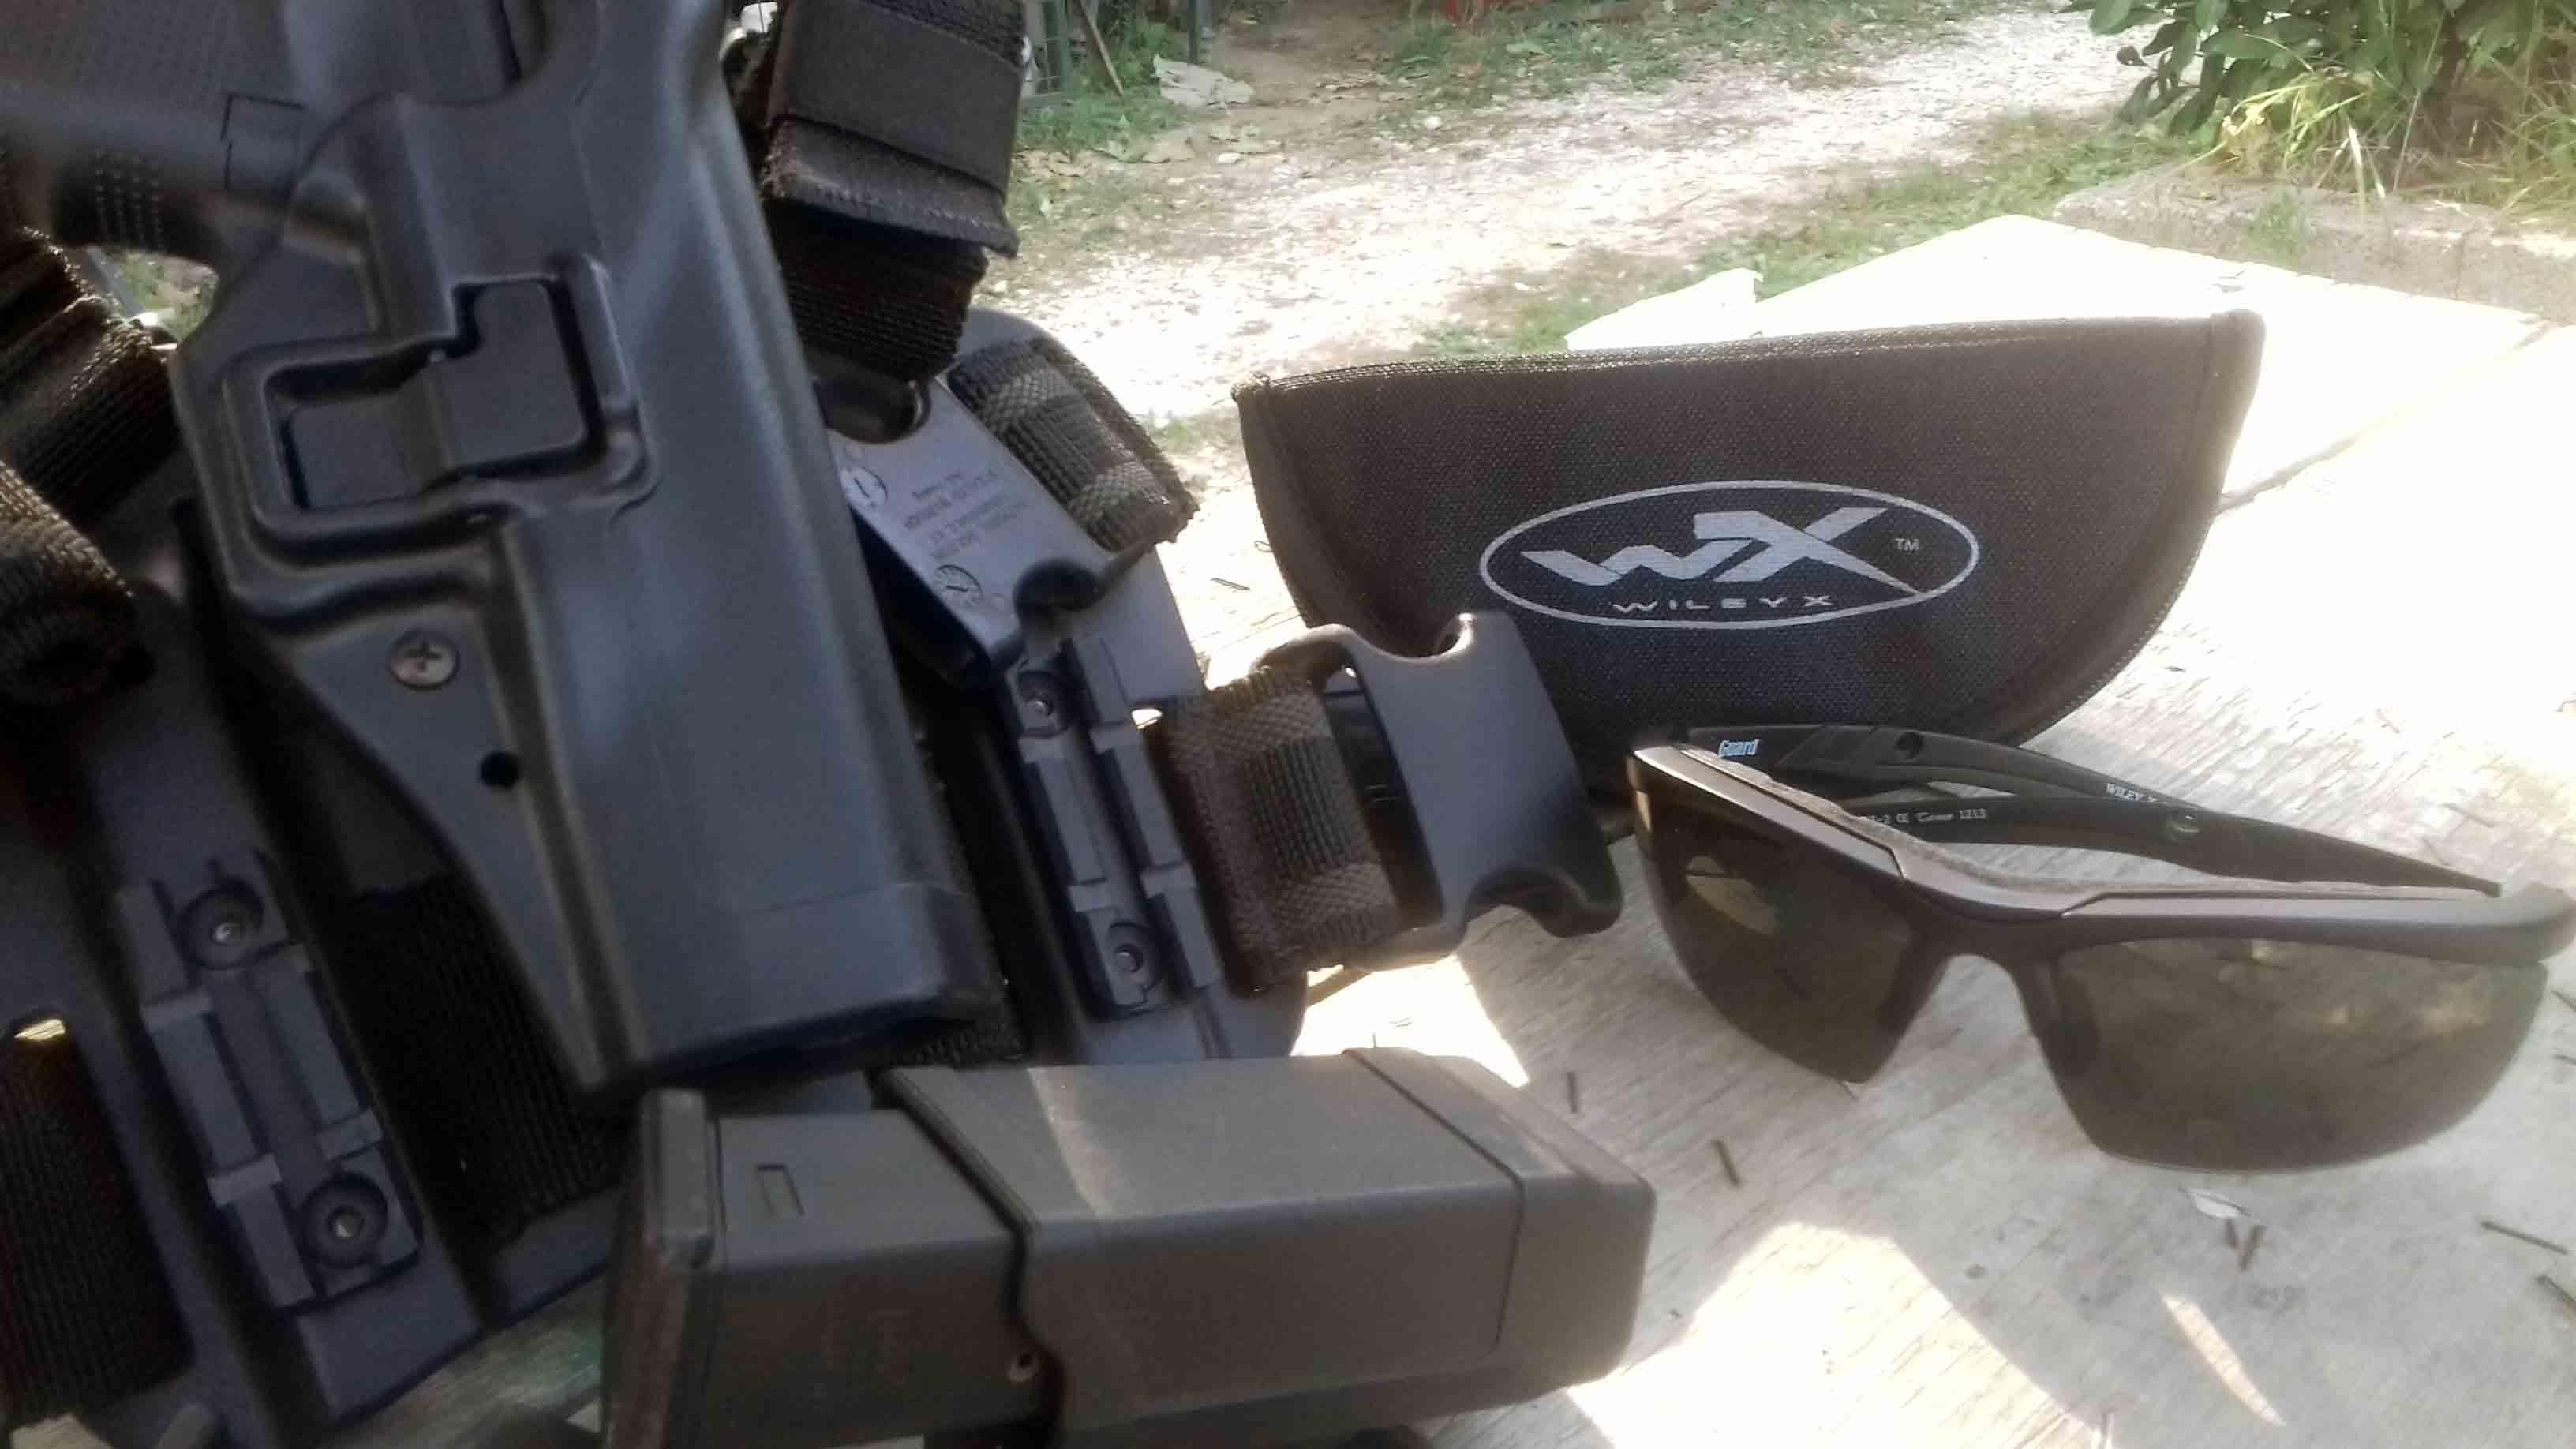 15f9544db92 Lentes Wiley X Guard Advanced - Utilizo durante sesión de tiro por  Redacción Espacio Armas